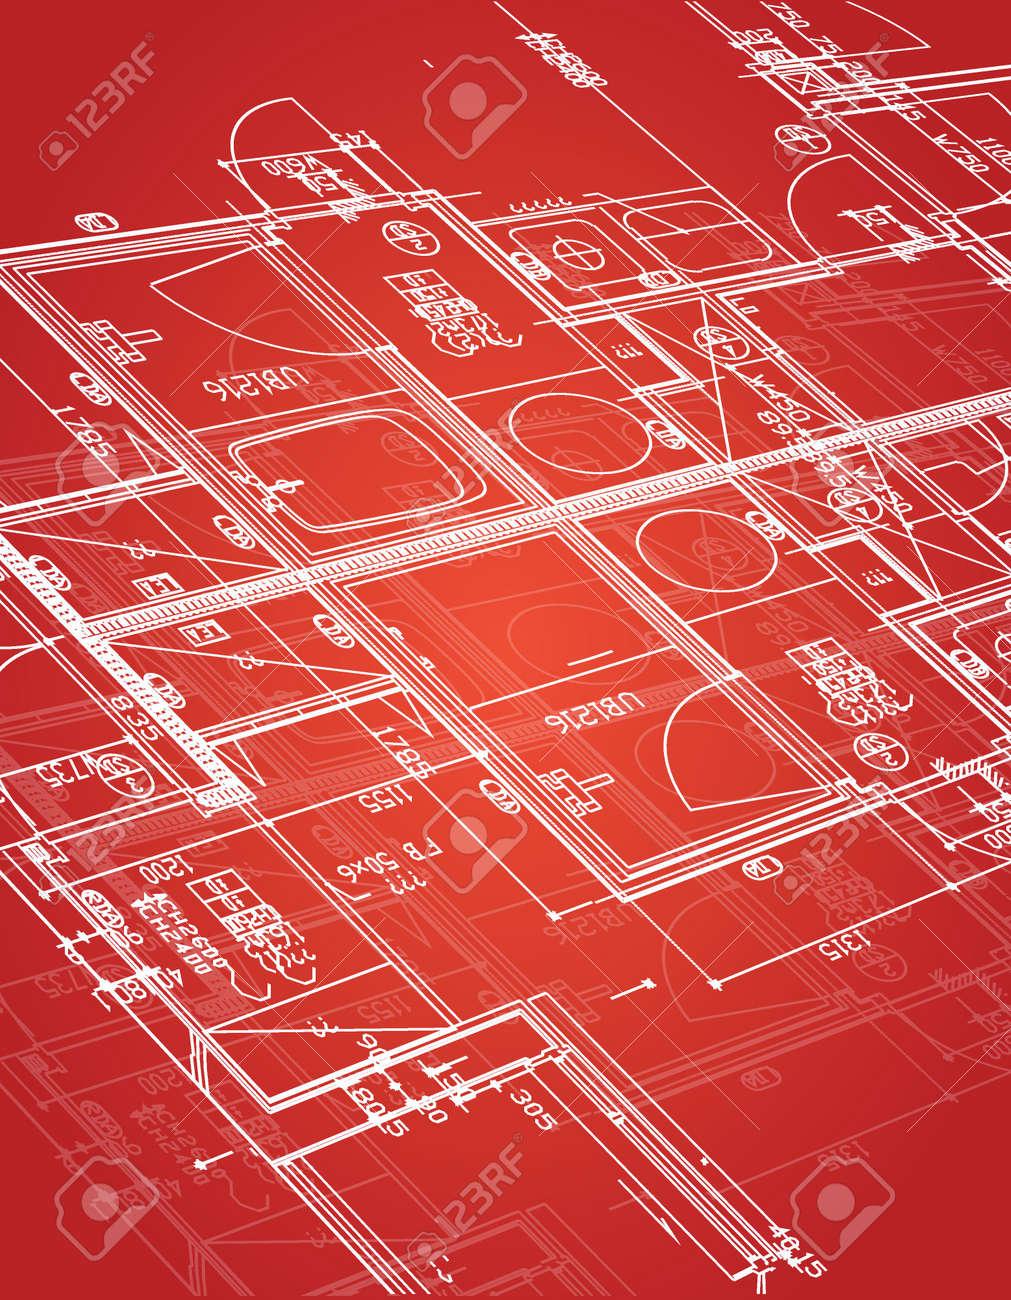 Blueprint illustration design over a red background royalty free blueprint illustration design over a red background stock vector 33228986 malvernweather Images